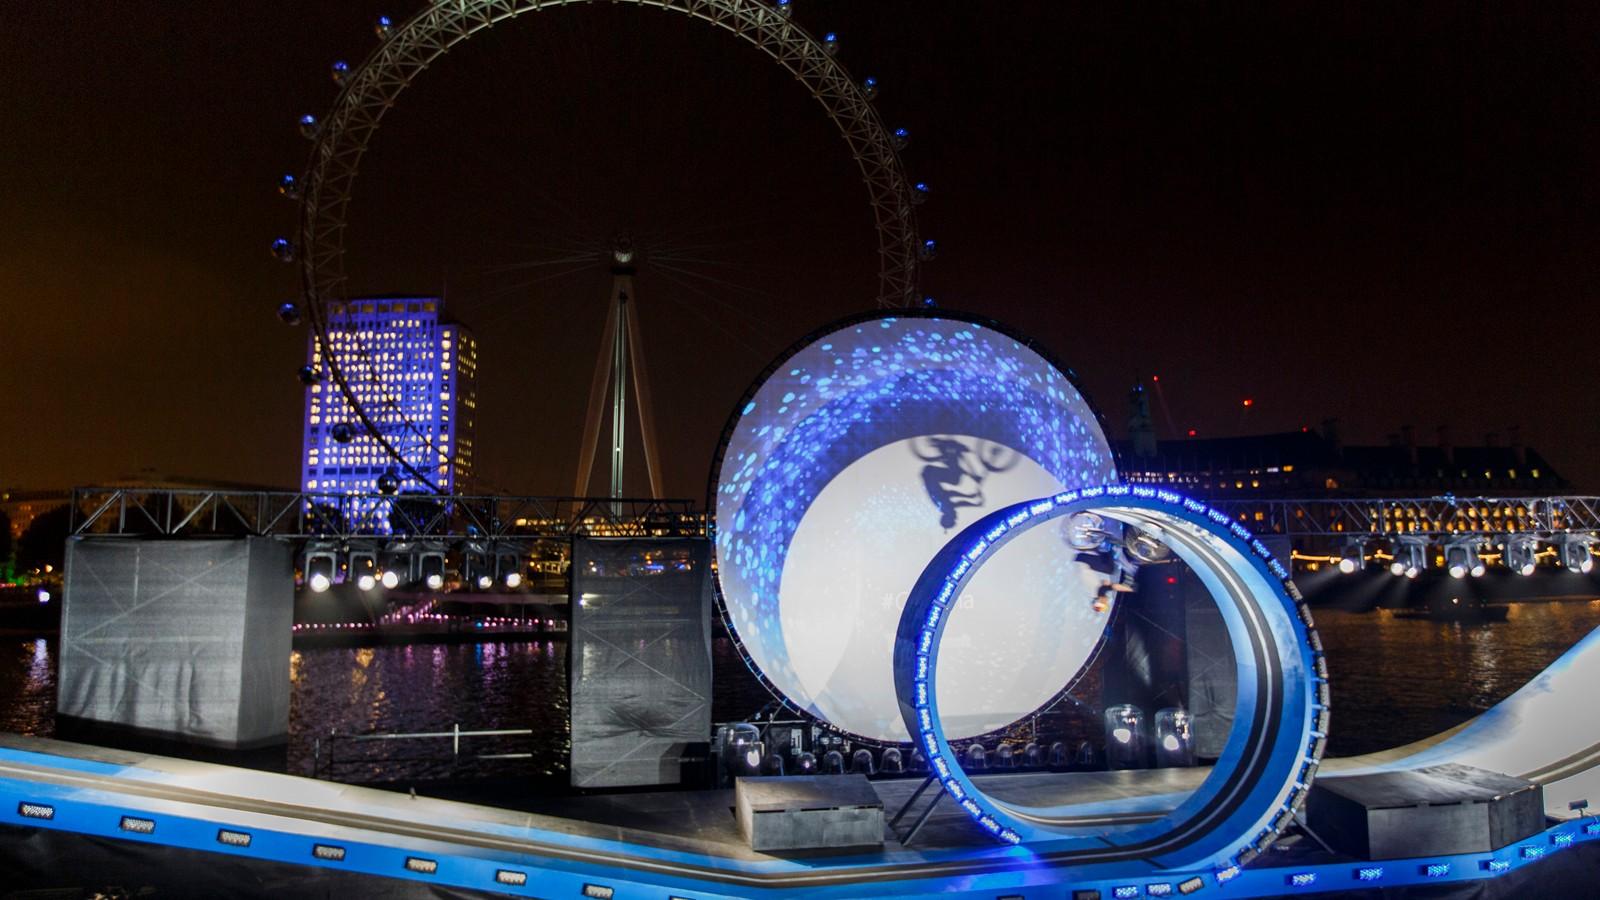 Danny MacAskill performs loop the loop in front of the London Eye